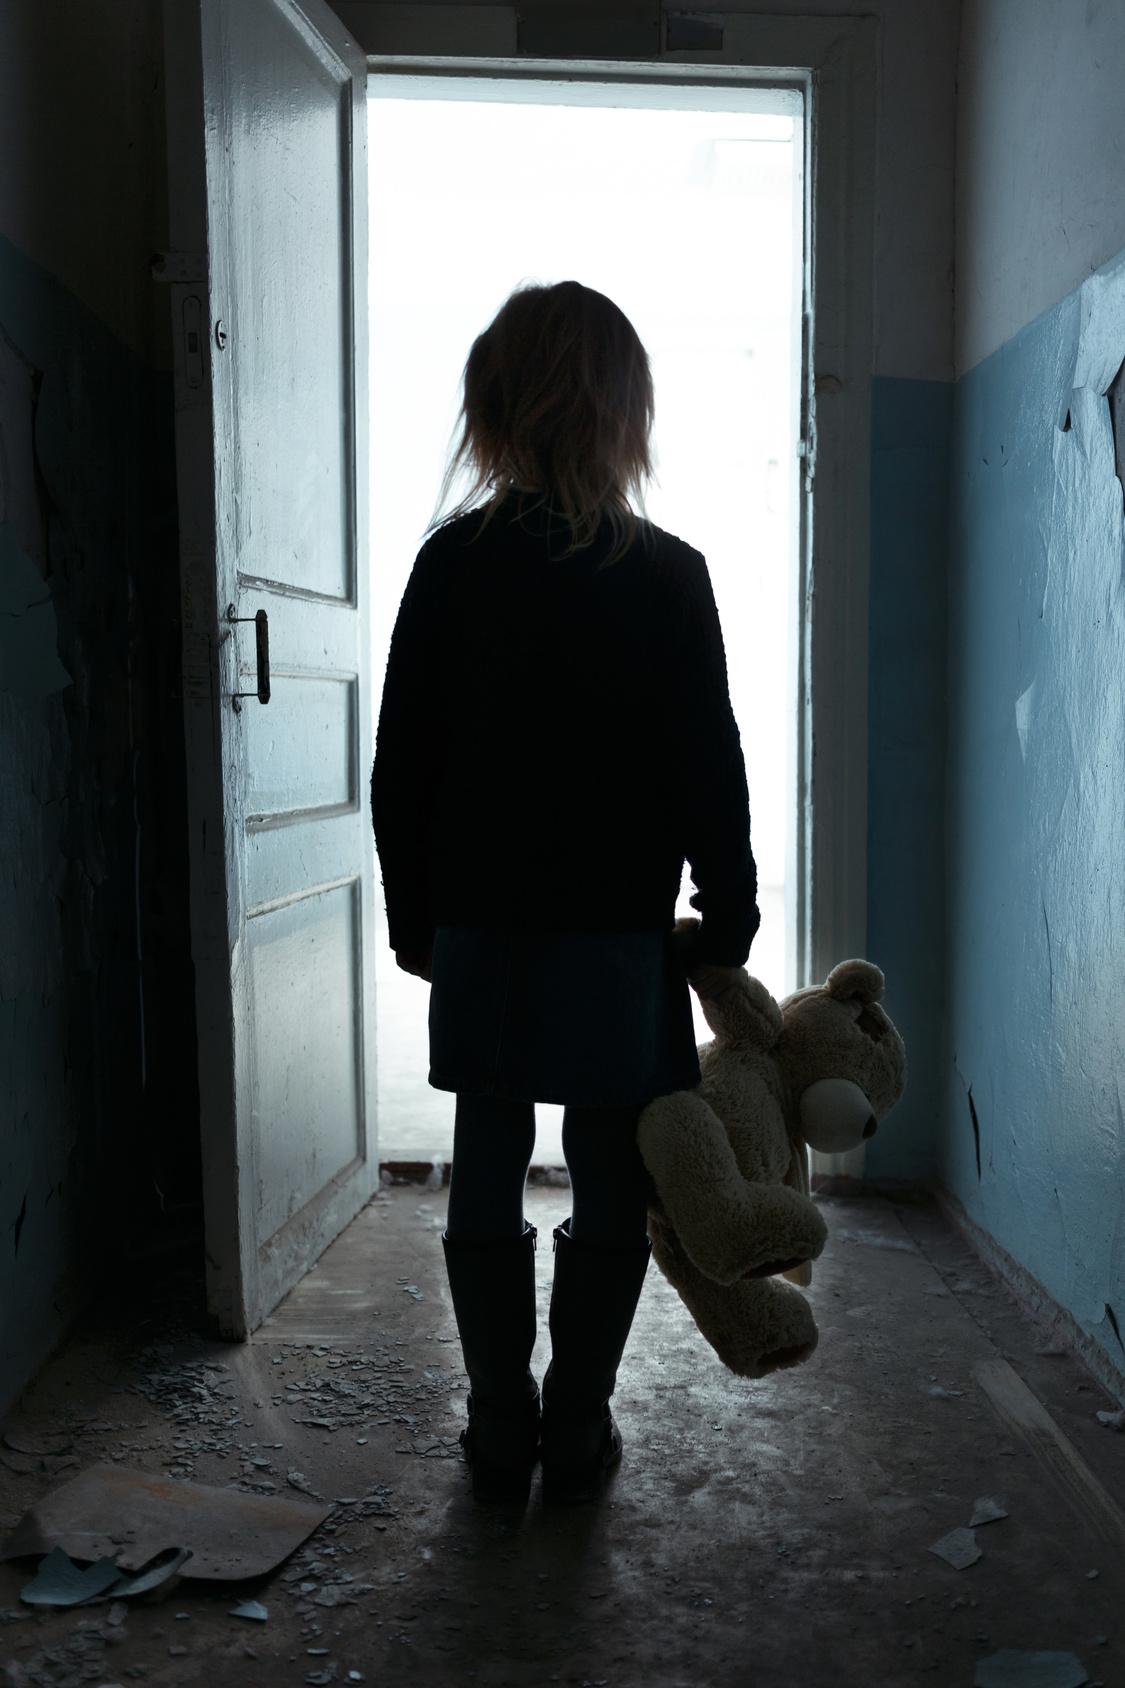 Nowy raport z badania polskich studentów: silny związek pomiędzy negatywnymi doświadczeniami w dzieciństwie a zachowaniami ryzykownymi dla zdrowia